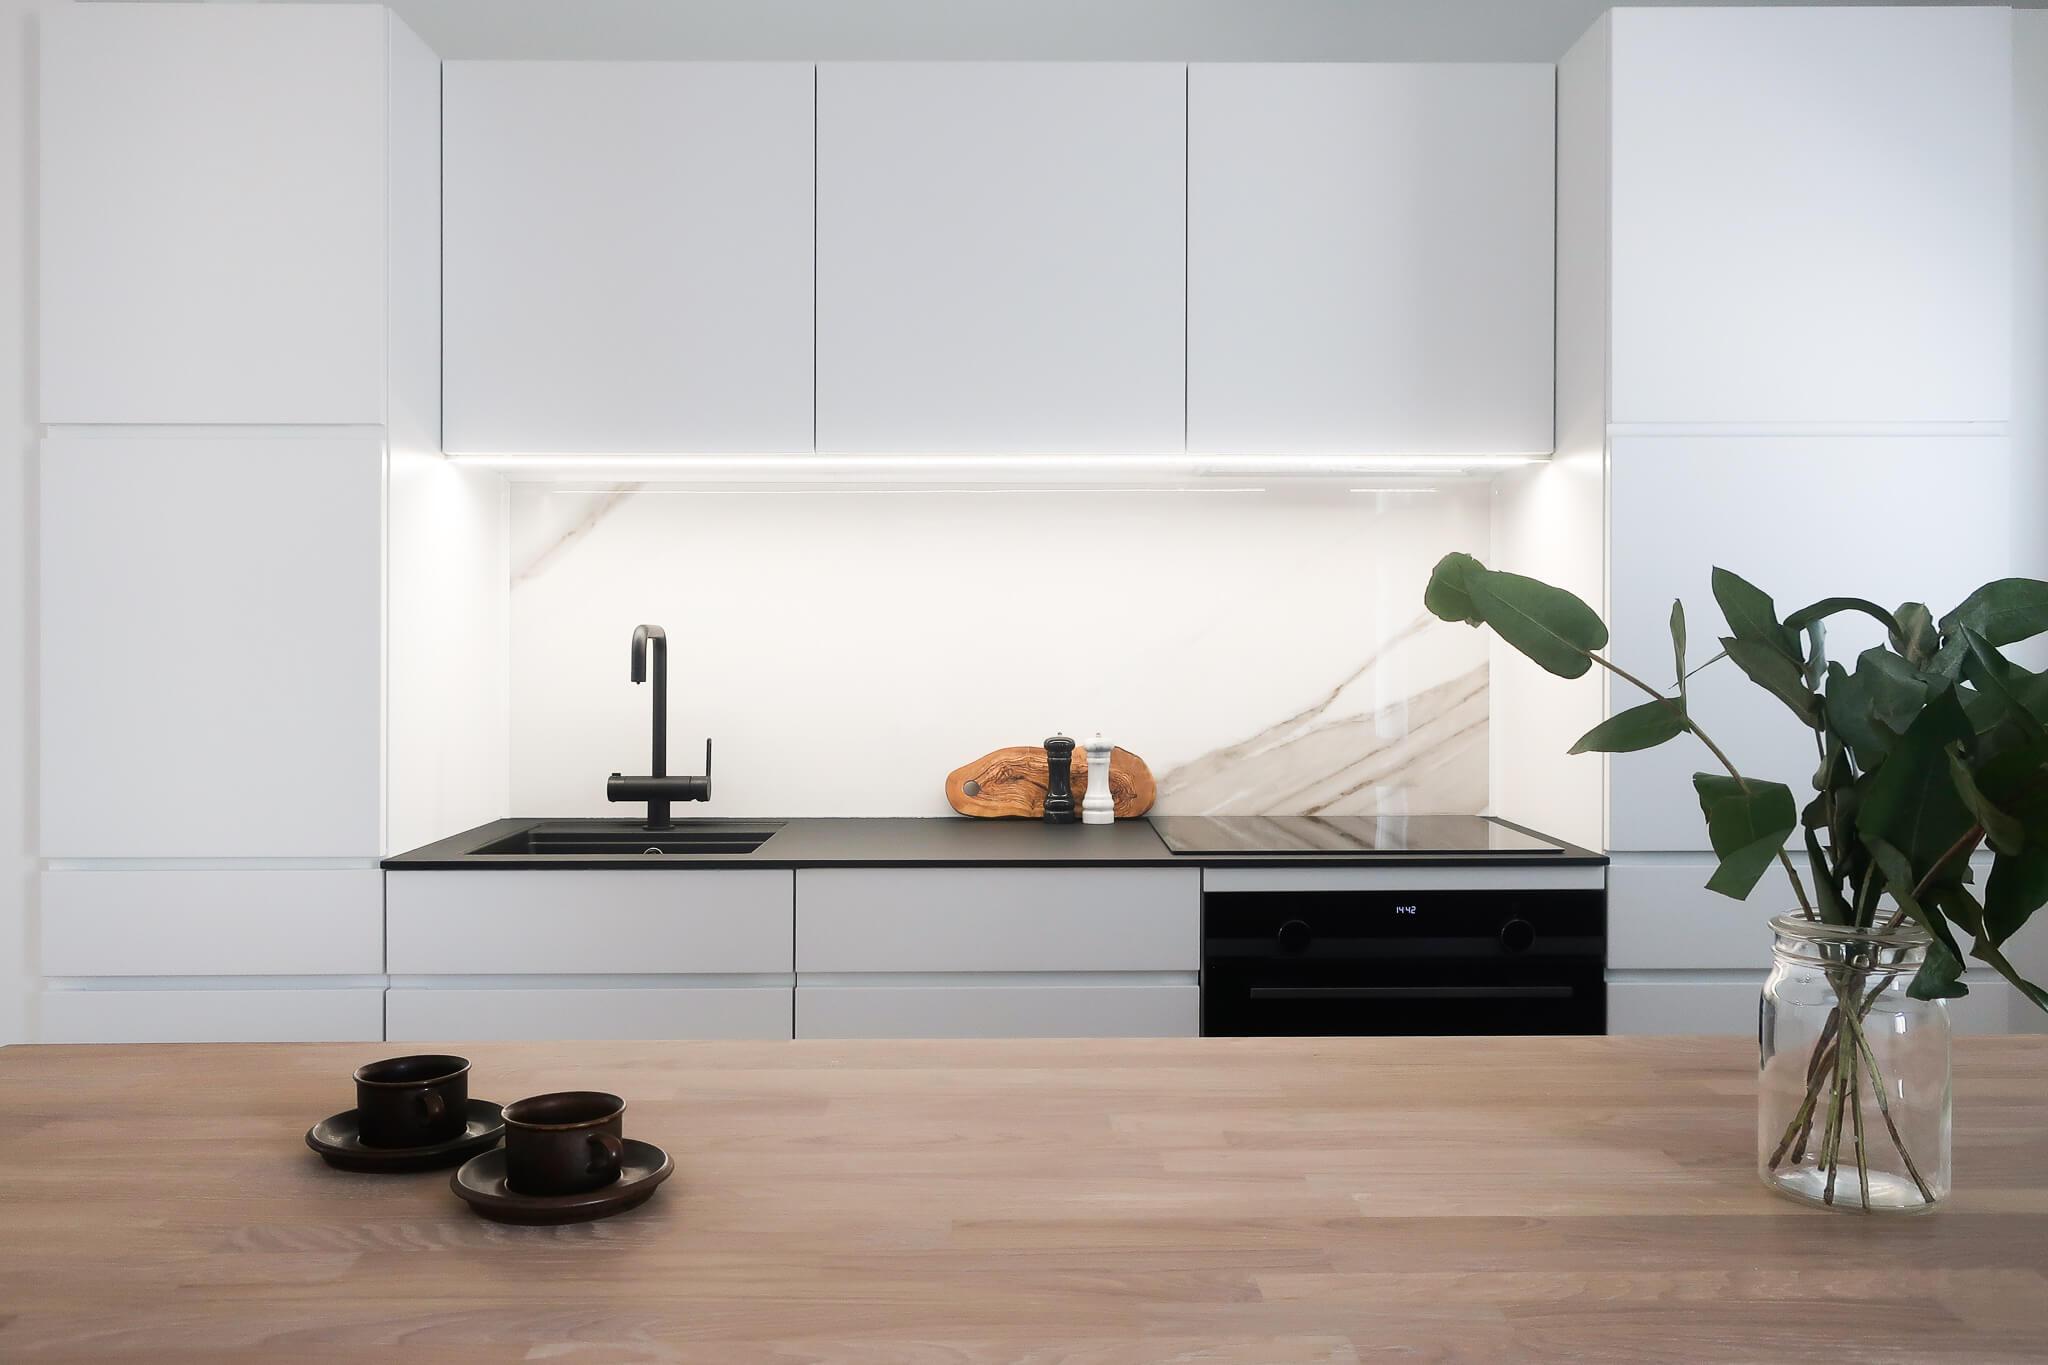 Kaksio kvik keittiö, sisustussuunnittelu portfolio, sisustussuunnittelija Turku